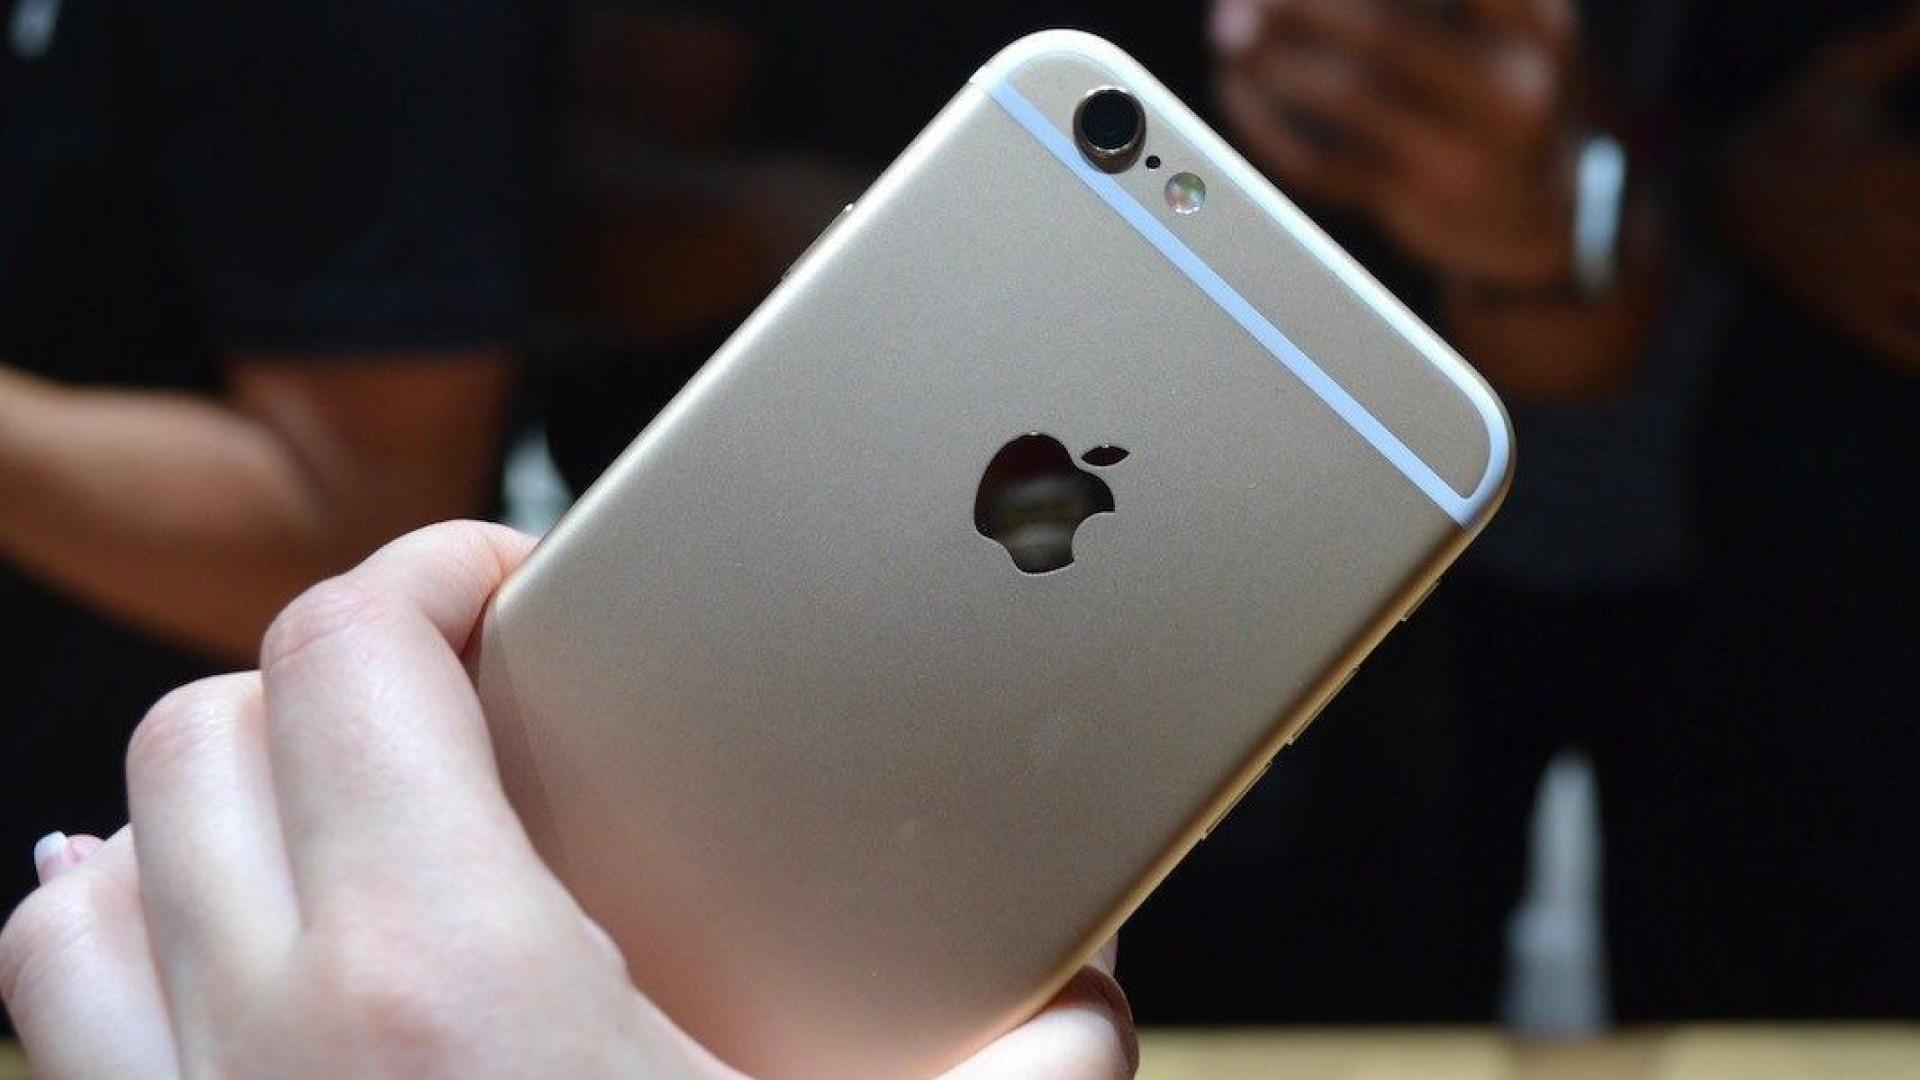 Última versão do iOS está interferindo na câmera do iPhone